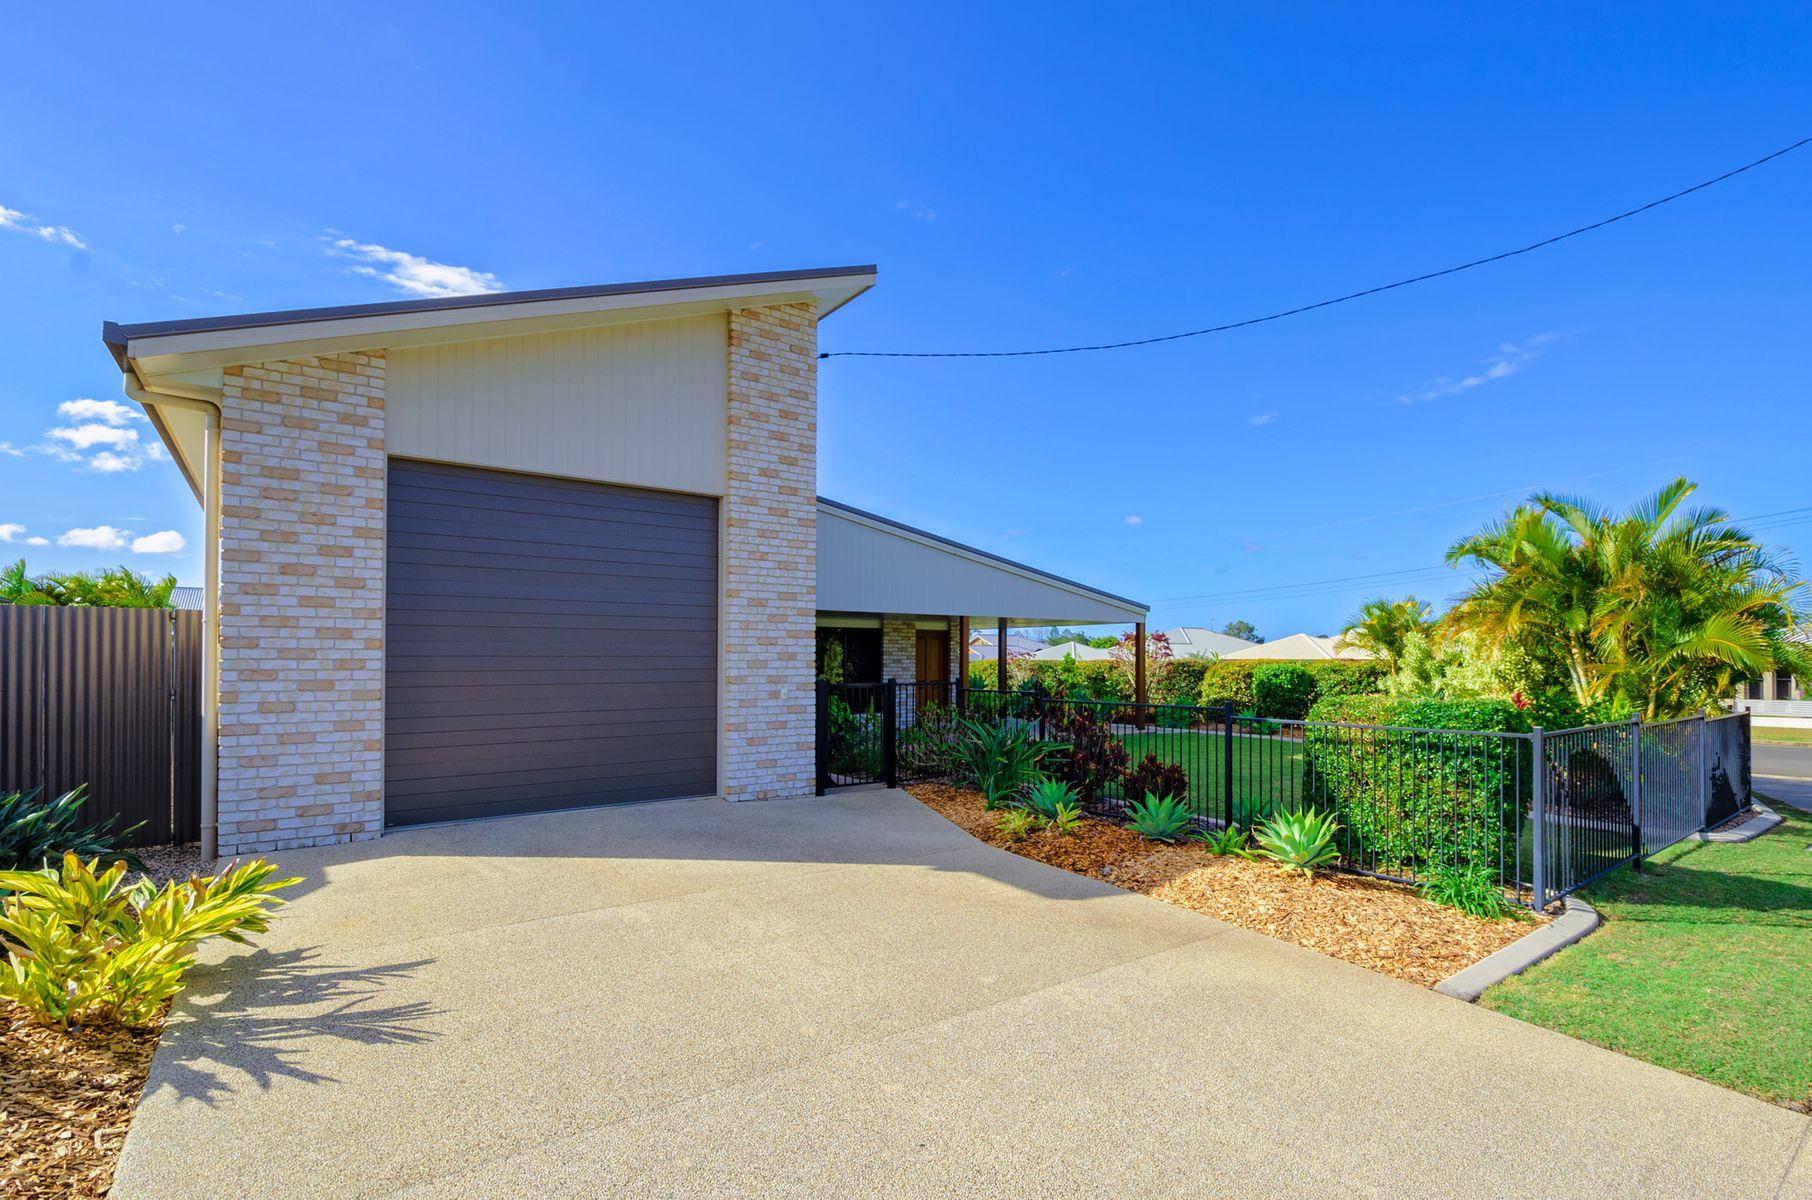 33 Duffy Street, Millbank, QLD 4670